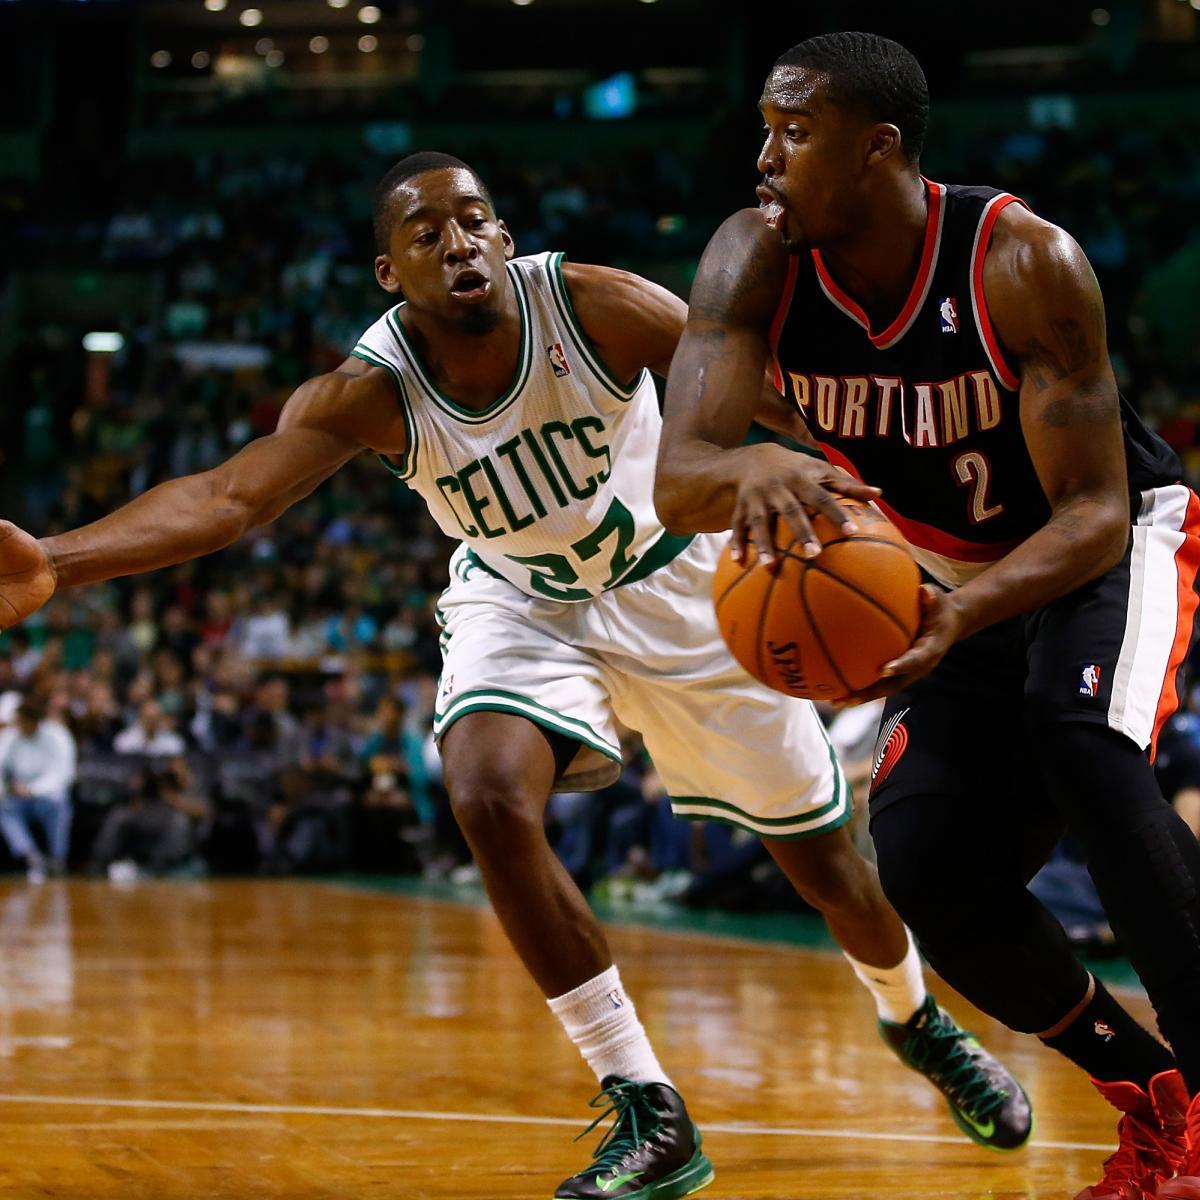 Blazers Score: Boston Celtics Vs. Portland Trail Blazers: Live Score And